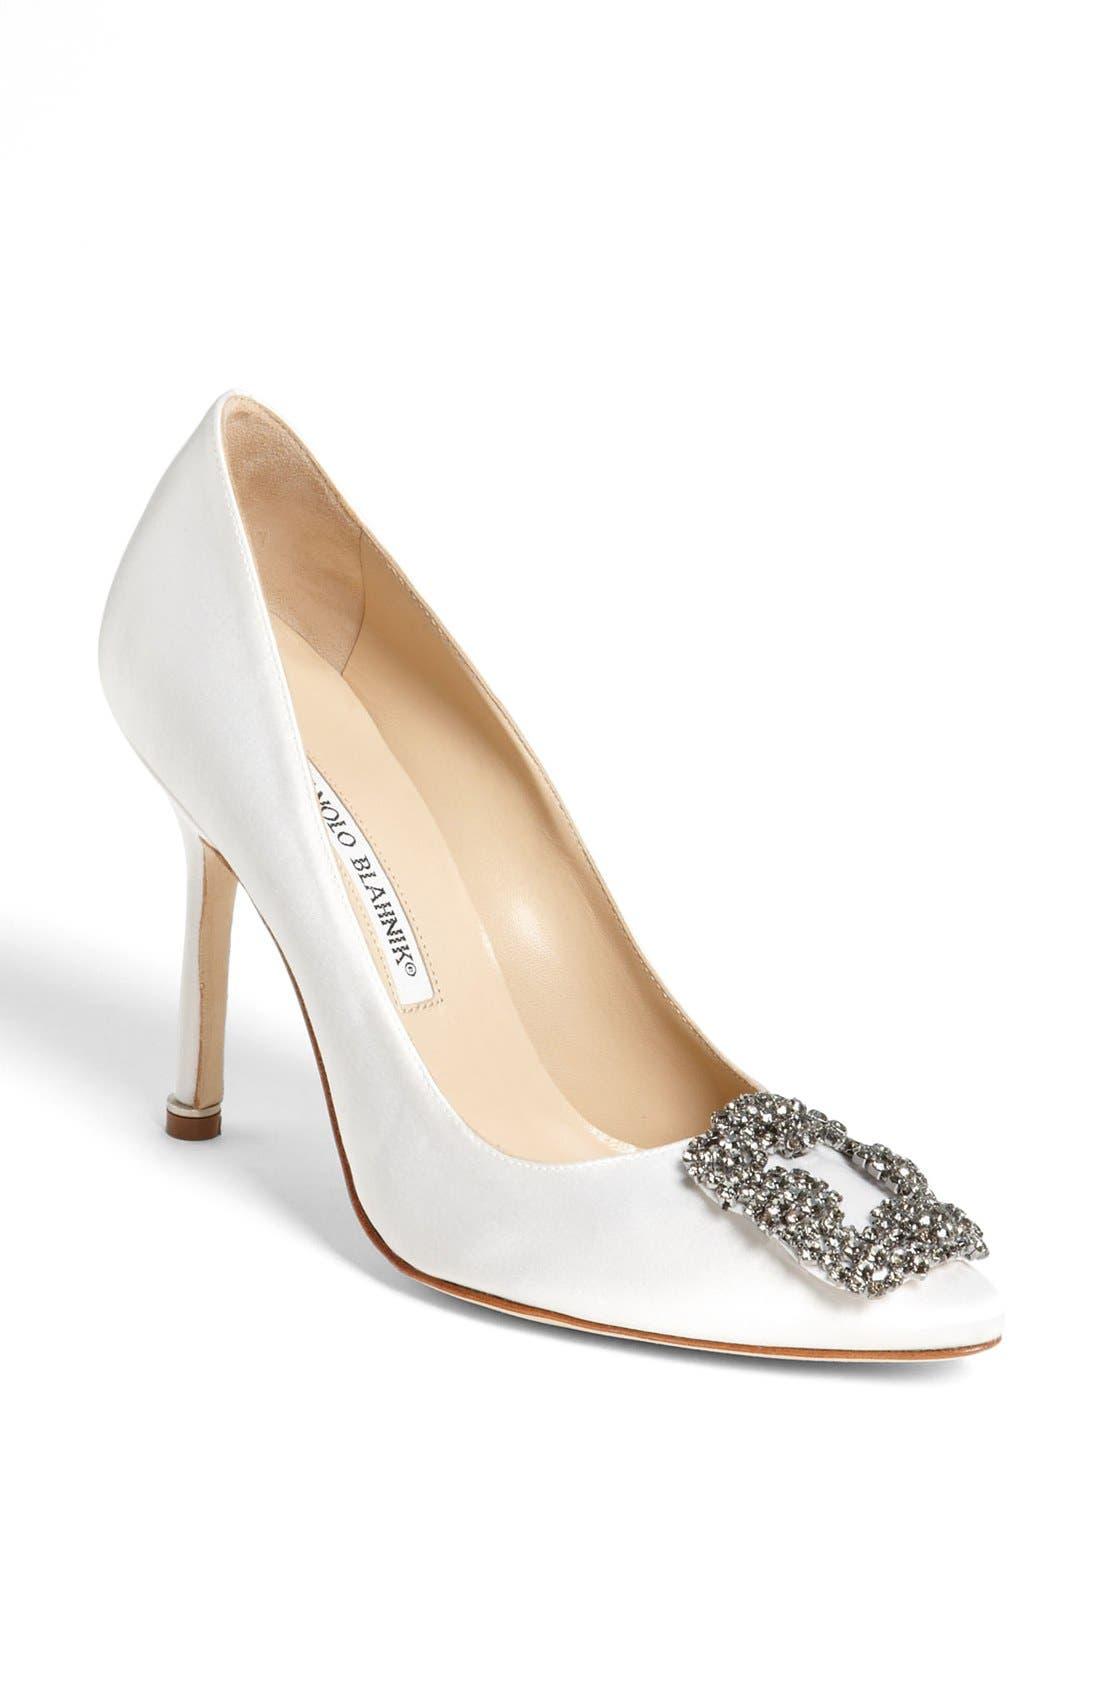 White Heels For Women 26hqiJ26